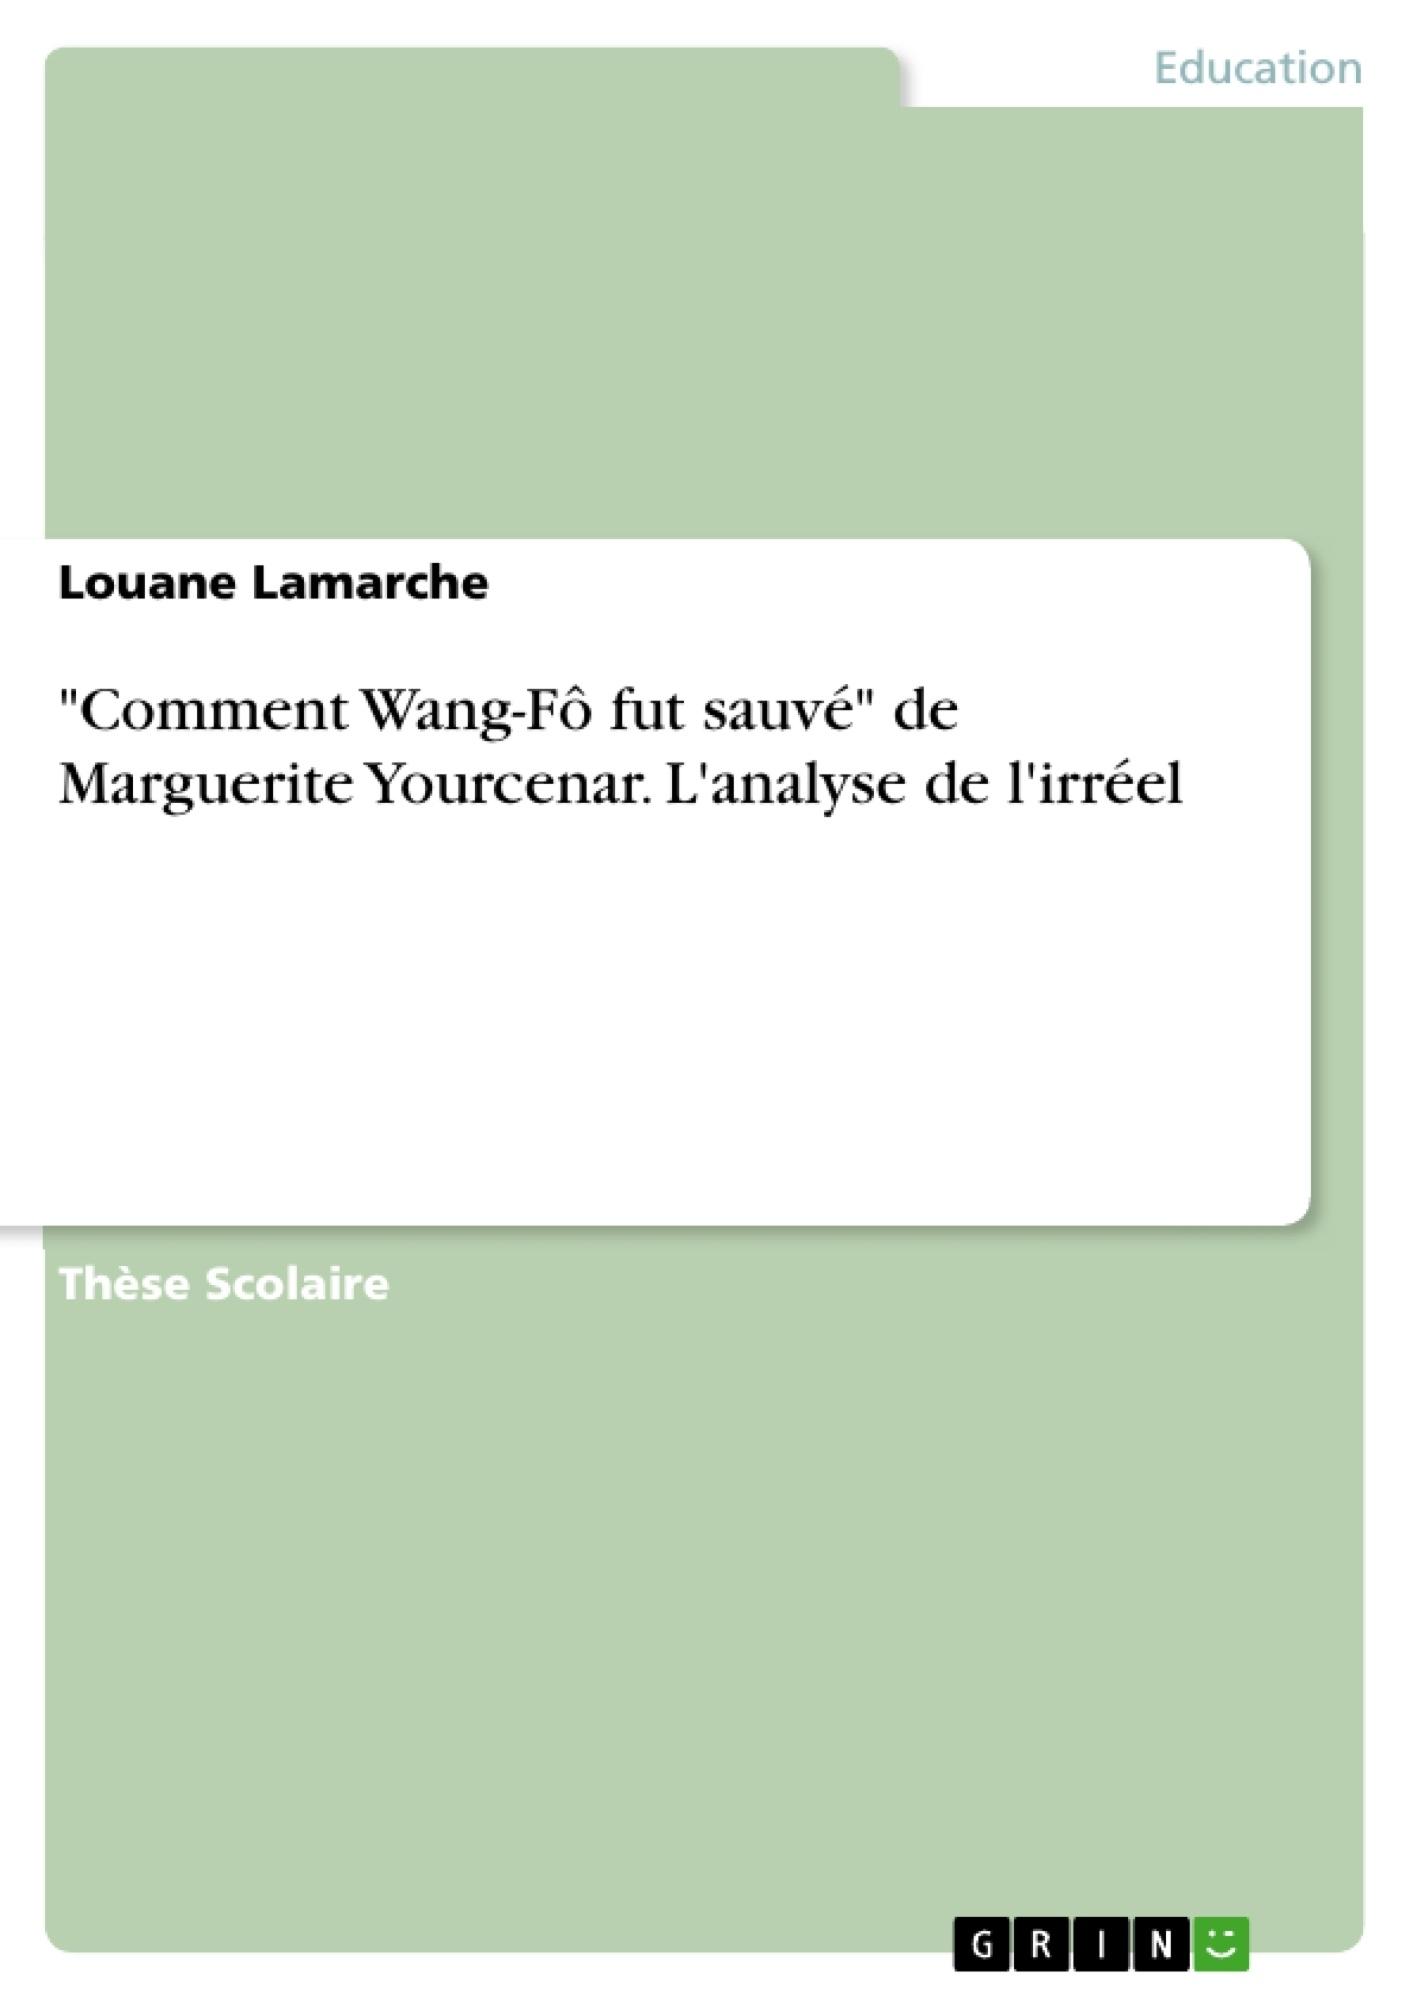 """Titre: """"Comment Wang-Fô fut sauvé"""" de Marguerite Yourcenar. L'analyse de l'irréel"""